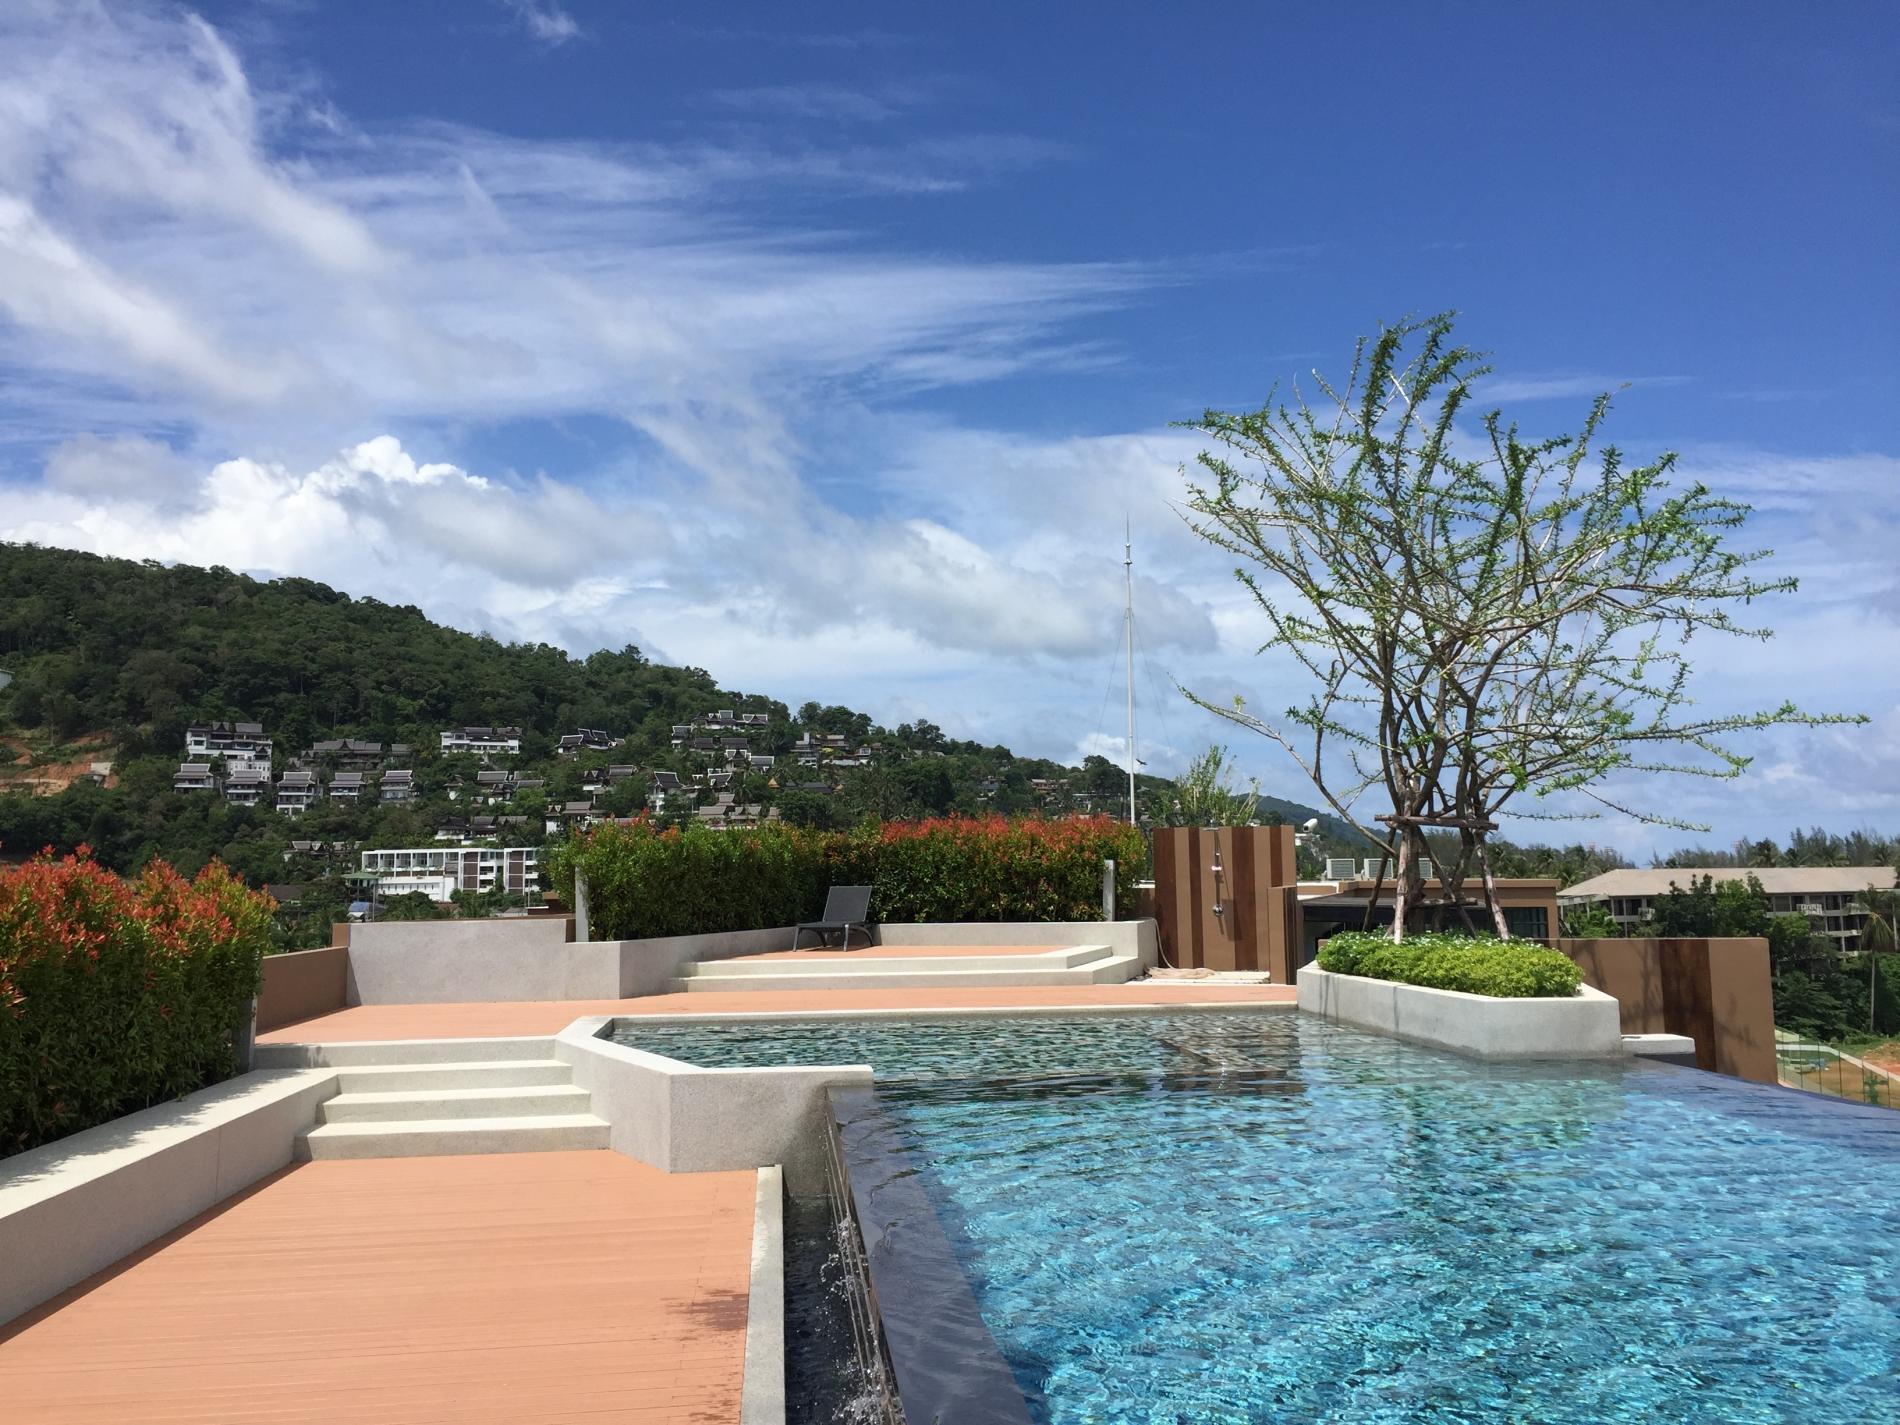 Apartment 6 Avenue Surin Beach condo  pool  gym  near beach 319 photo 25873156